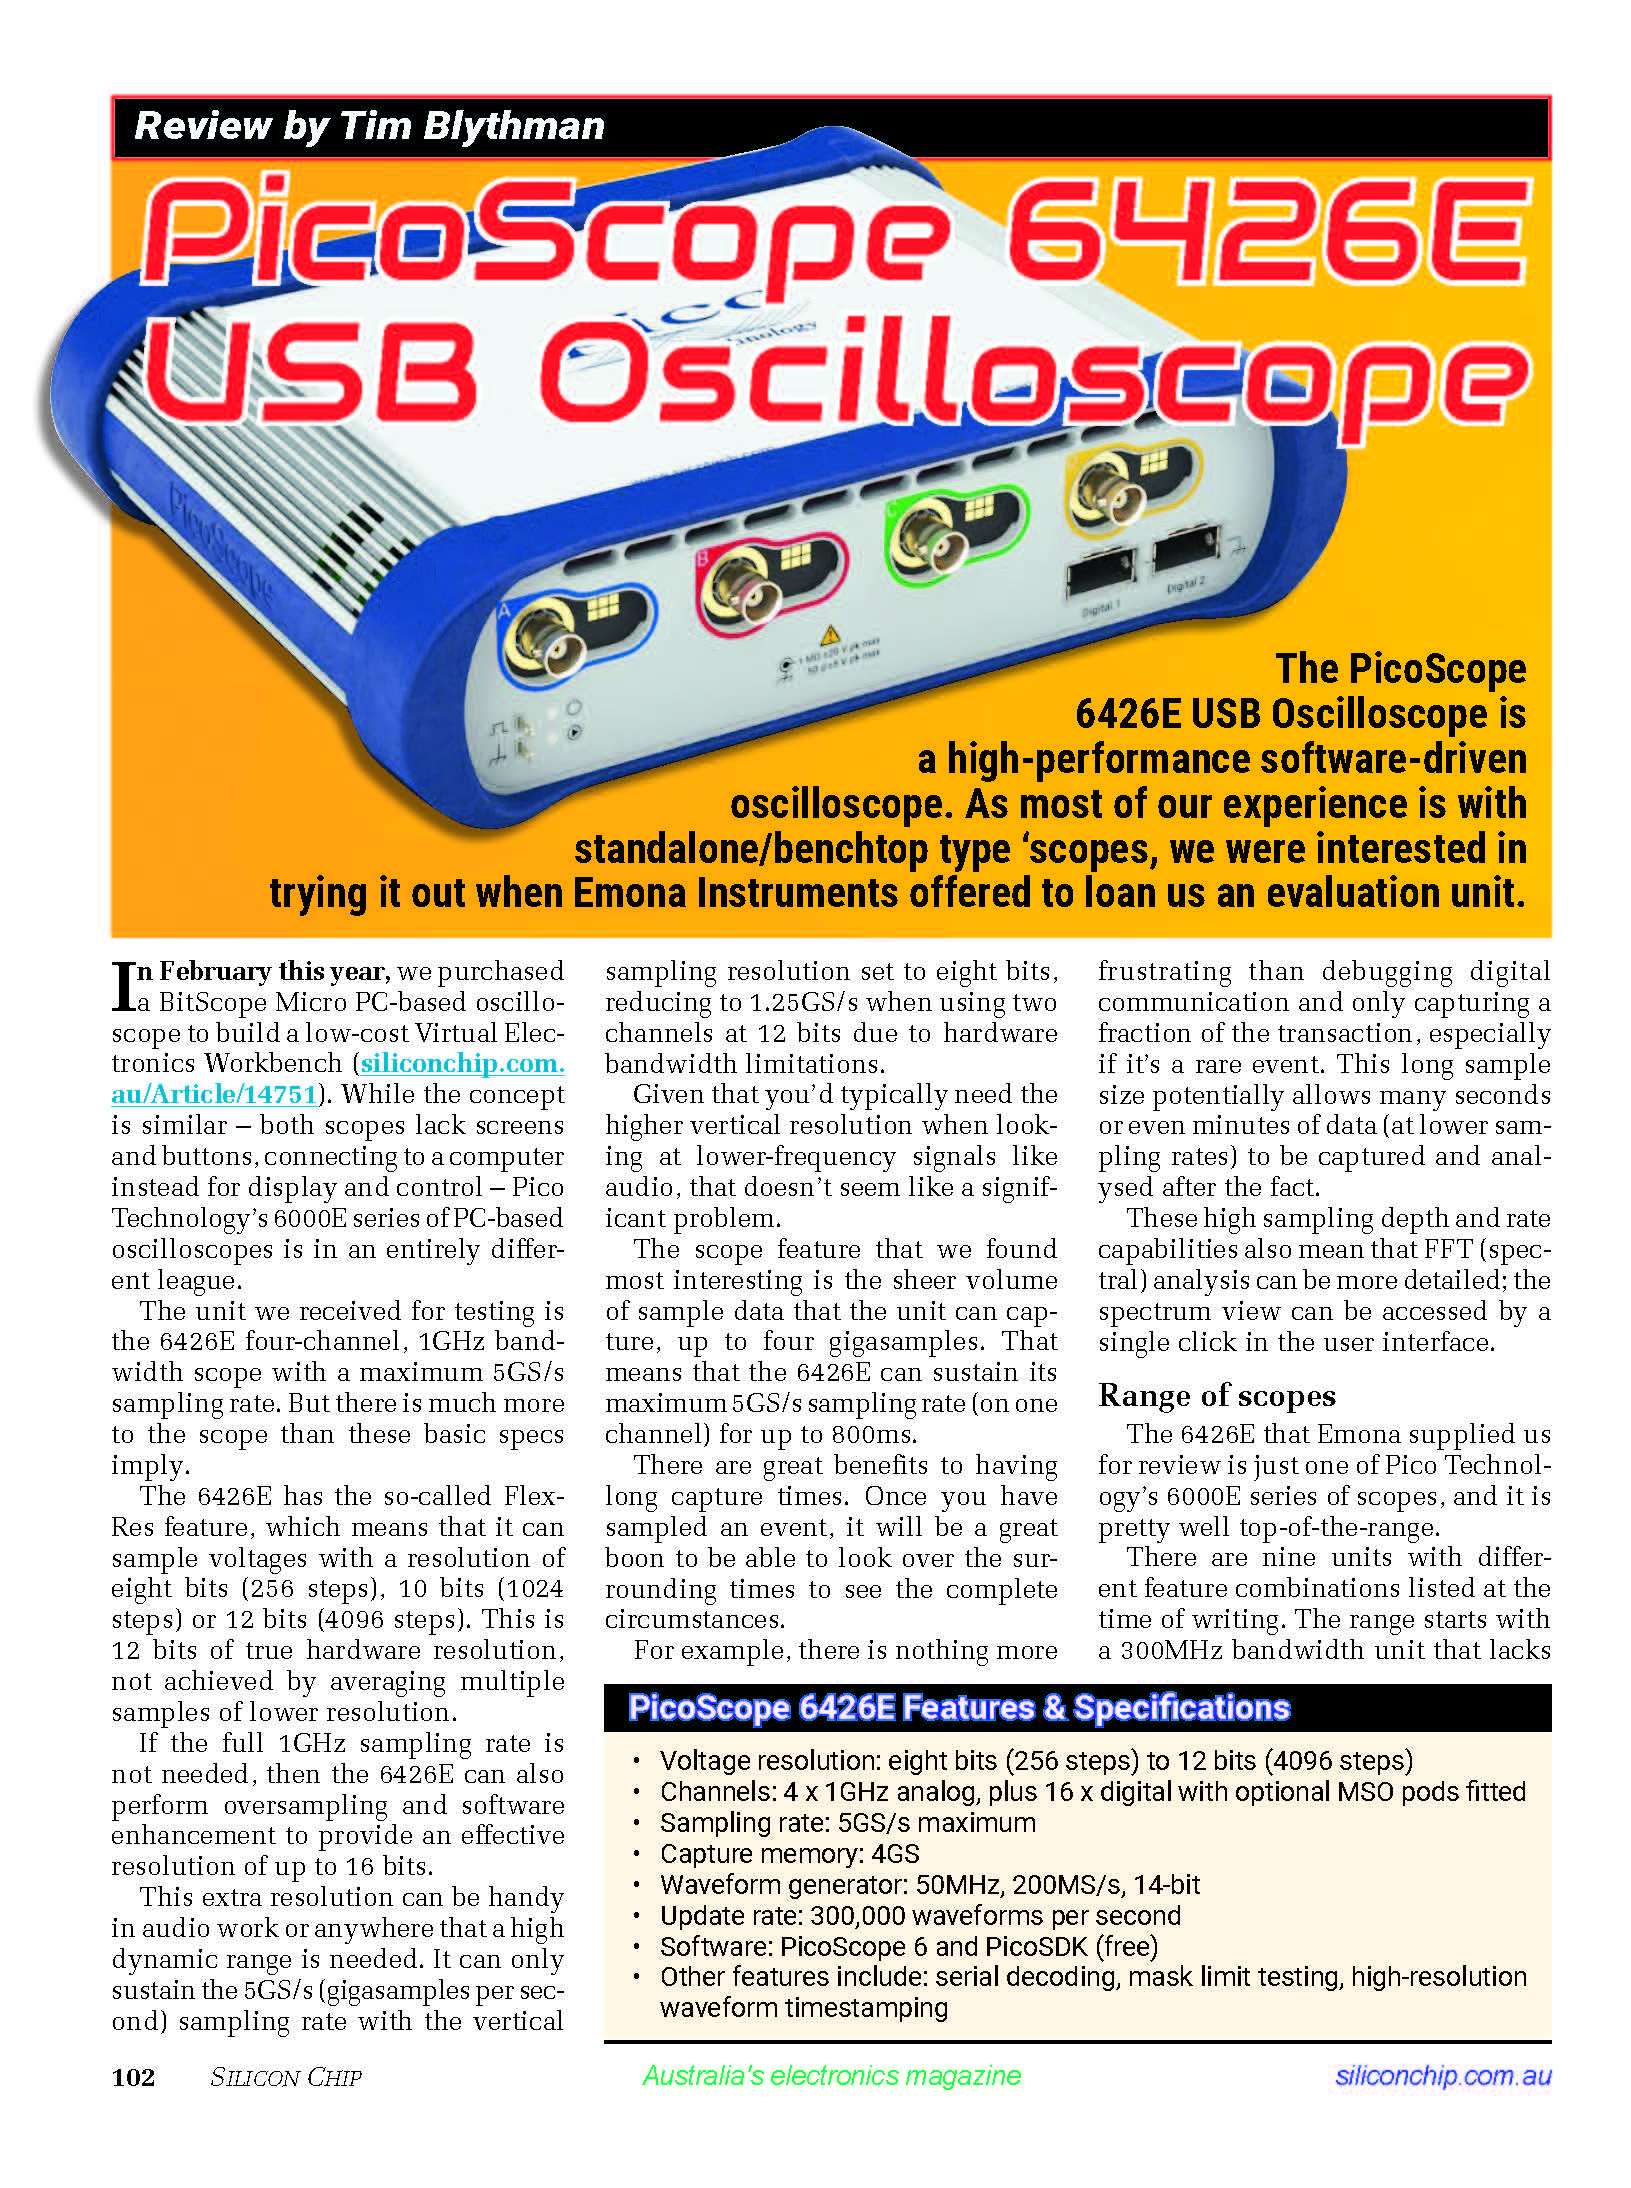 Silicon Chip PicoScope 6426E Oscilloscope Review